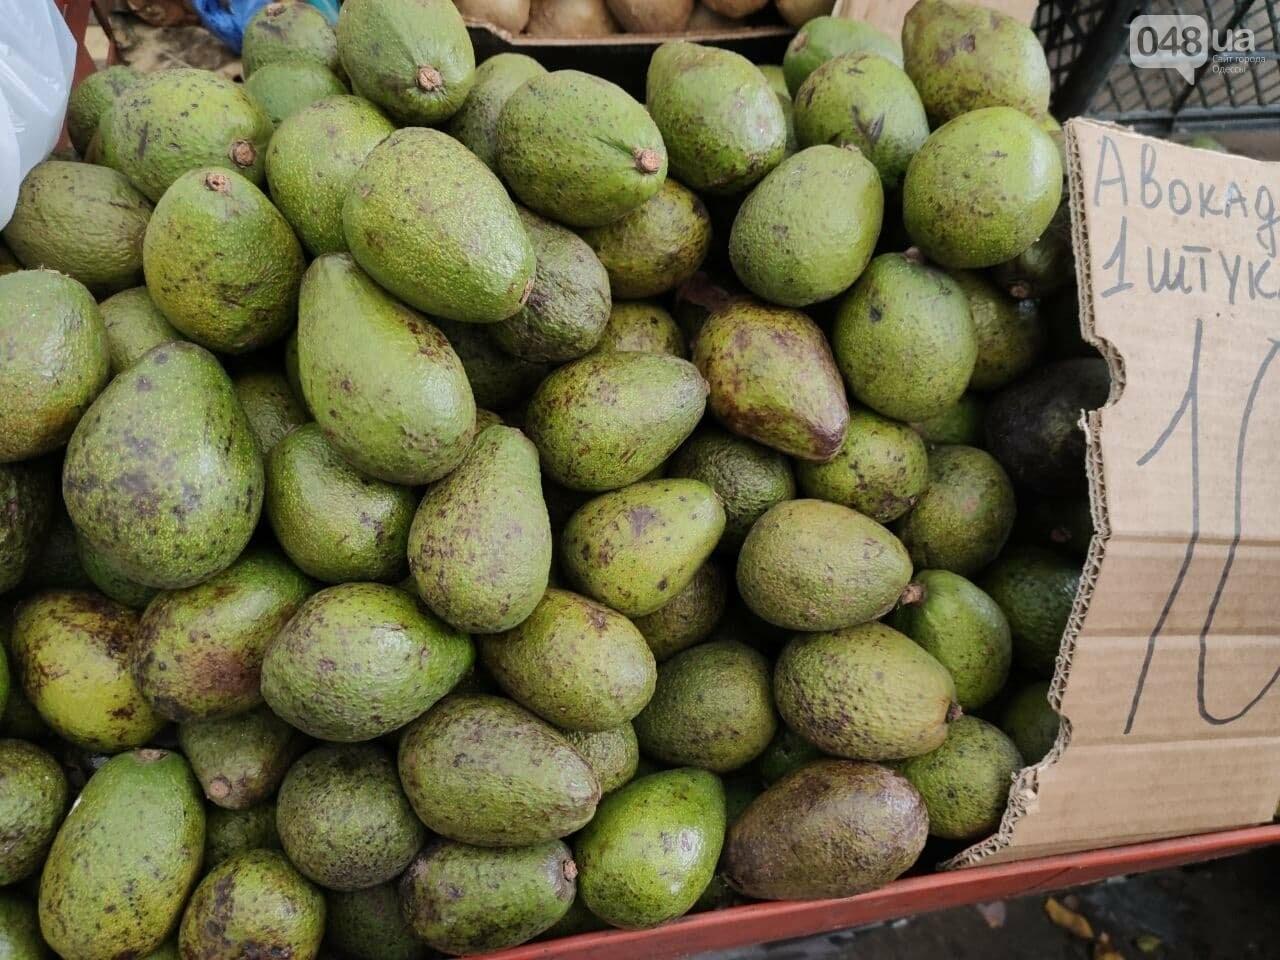 Авокадо, киви, белые грибы: сколько на одесском Привозе стоят фрукты и овощи, - ФОТО, фото-7